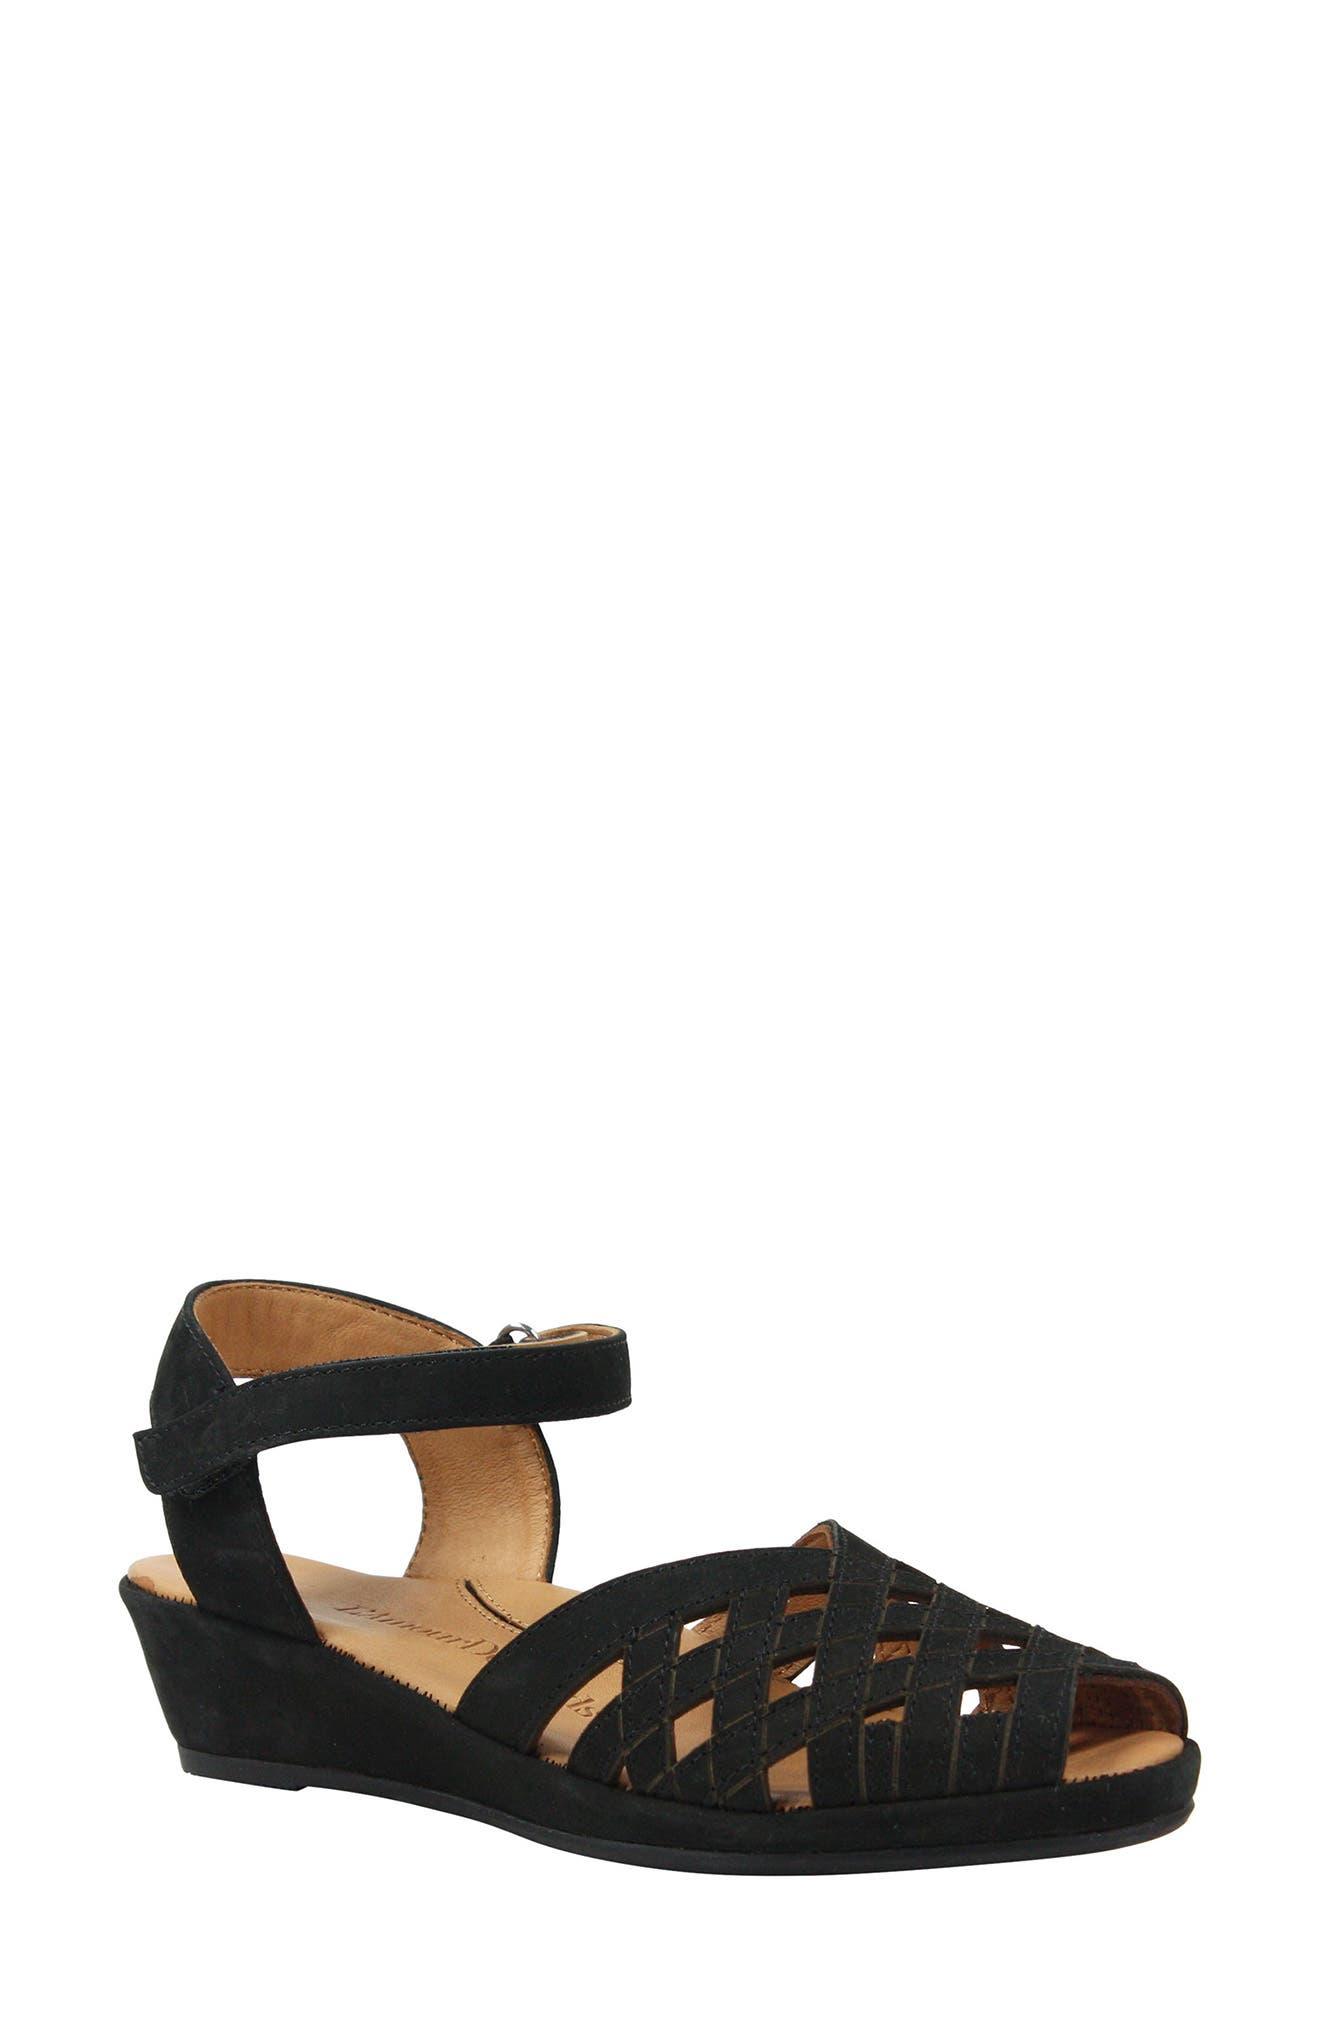 L'AMOUR DES PIEDS, Burcie Wedge Sandal, Main thumbnail 1, color, BLACK NUBUCK LEATHER